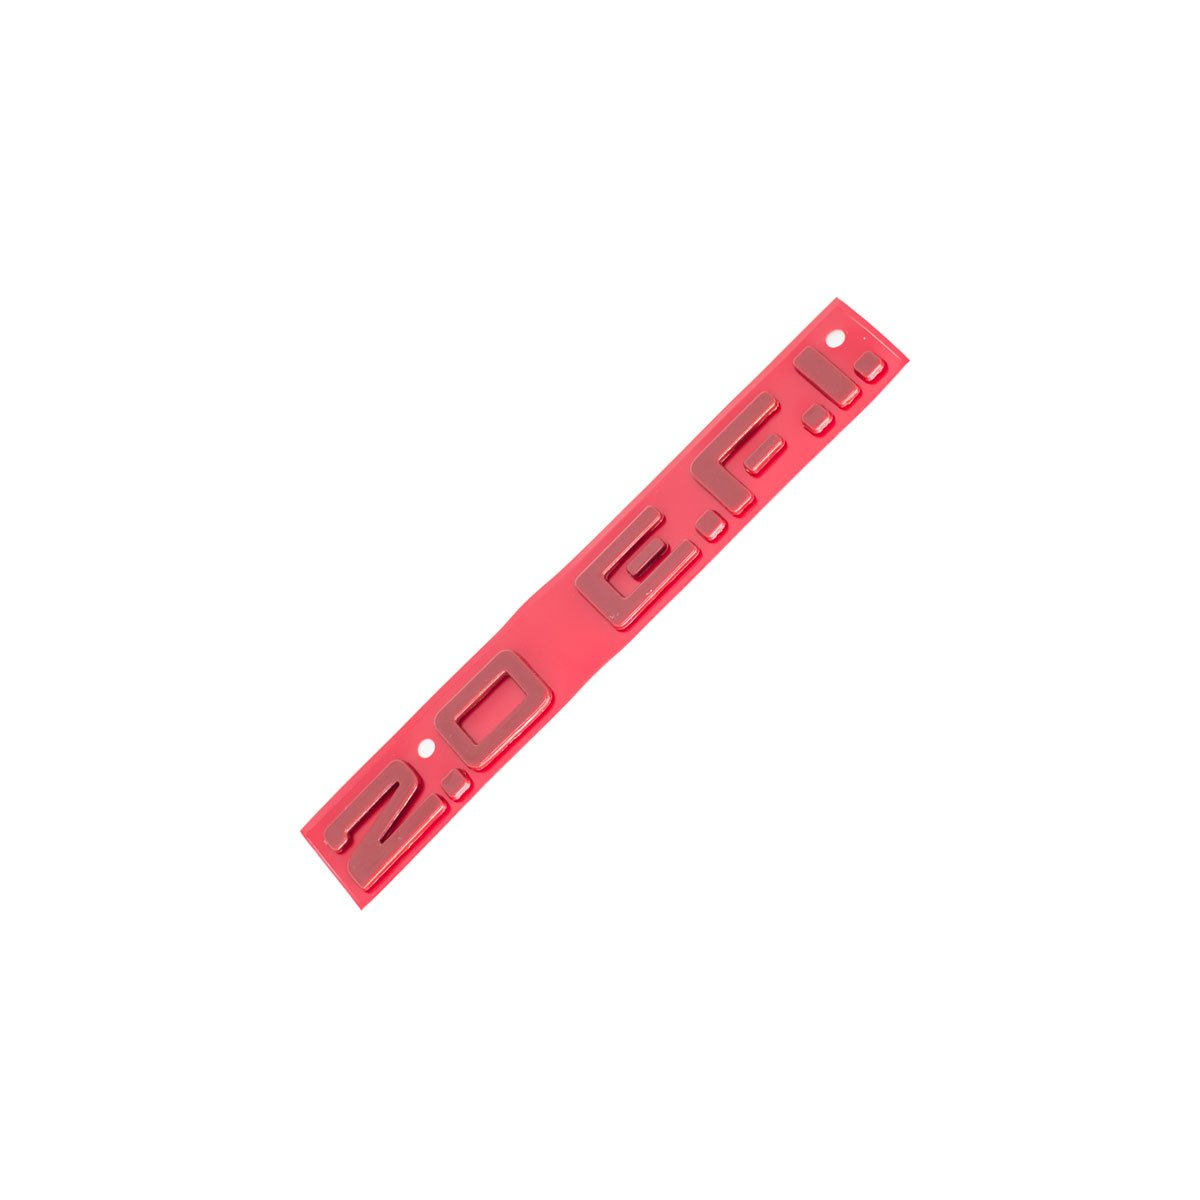 Emblema 2.0 EFI Kadet/Monza Vermelho